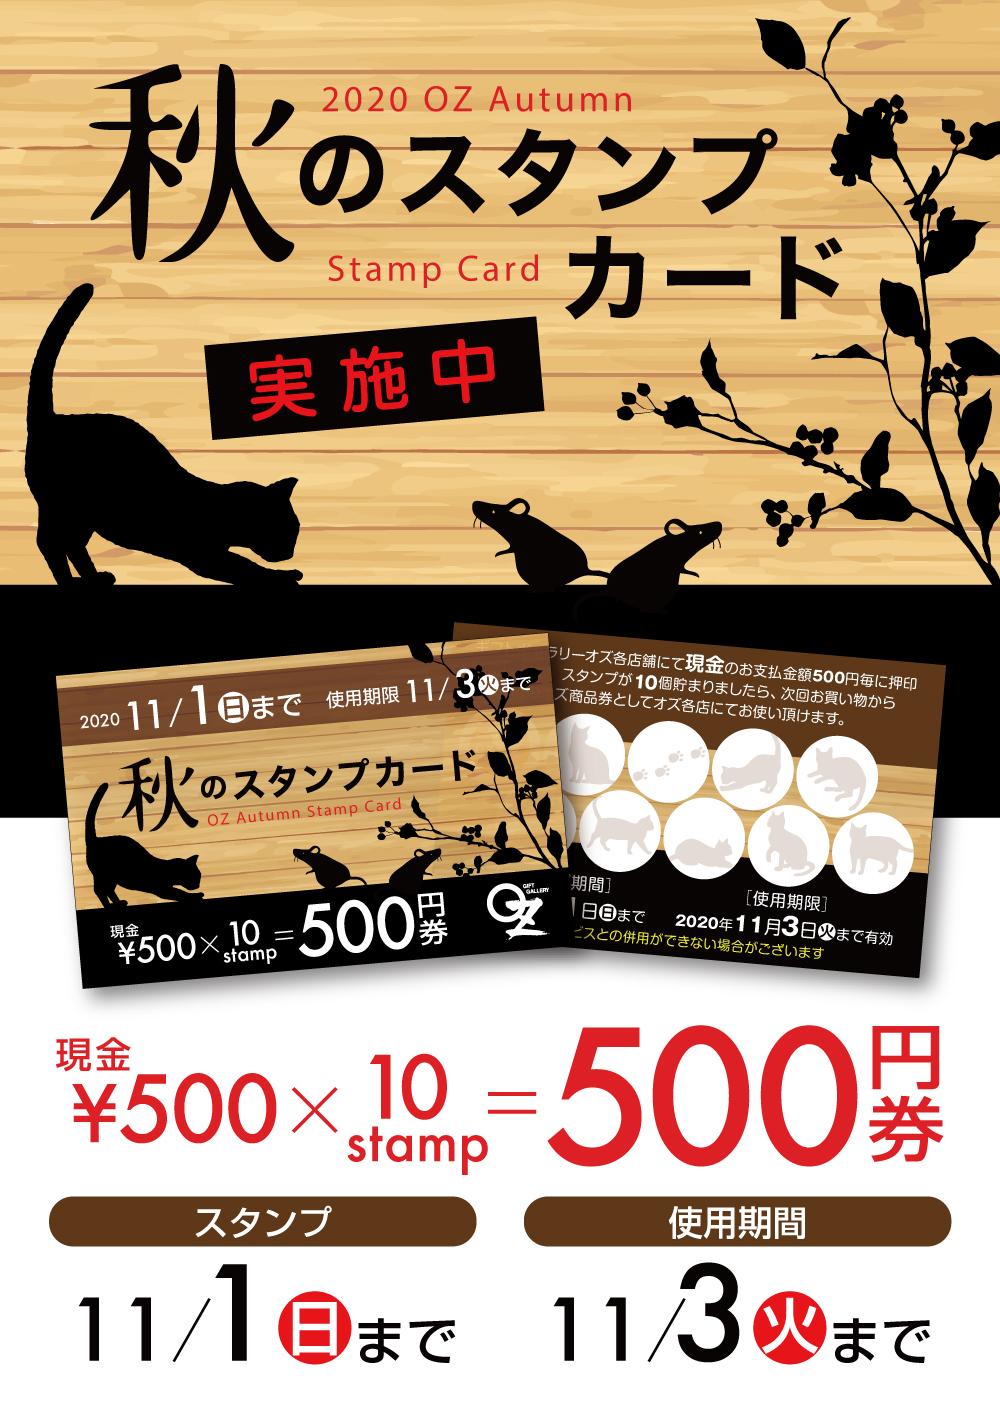 秋のスタンプカード2020/11/1まで イメージ